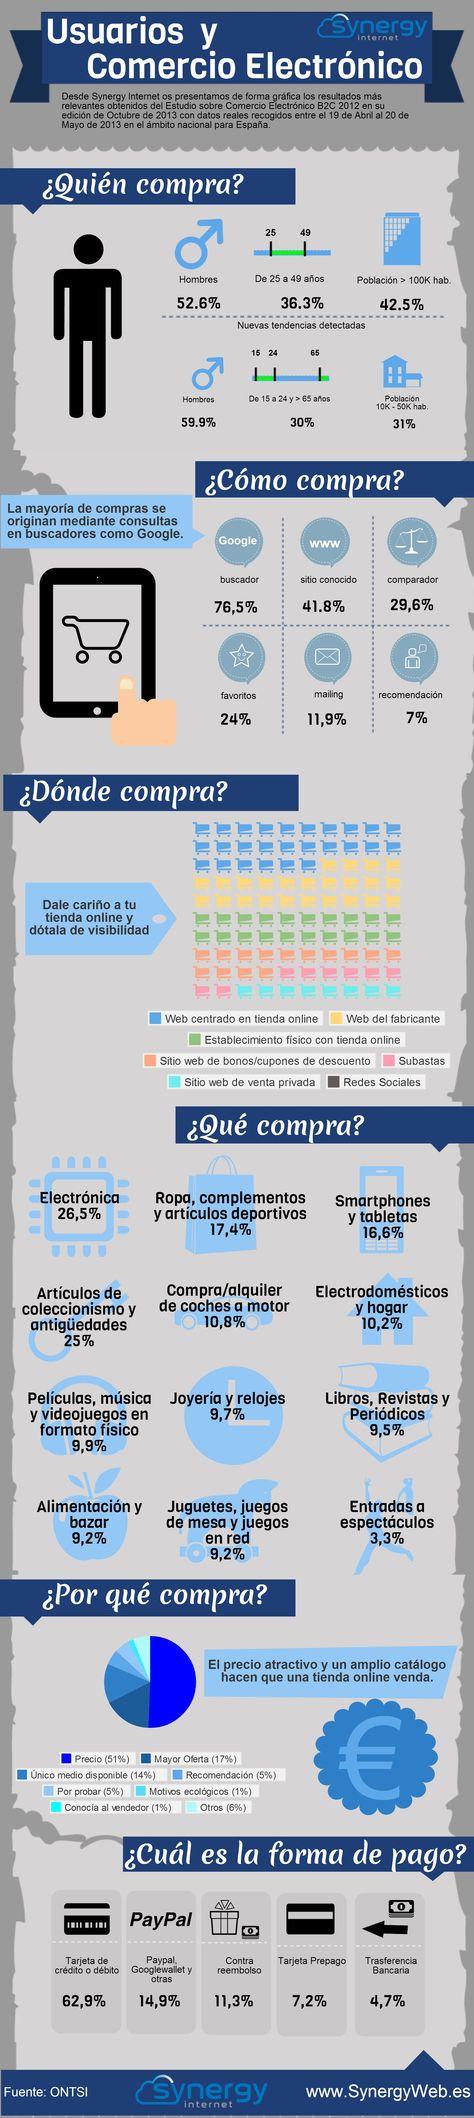 Comercio Electrónico en España: Qué, Quién, Cómo y Por Qué se compra online